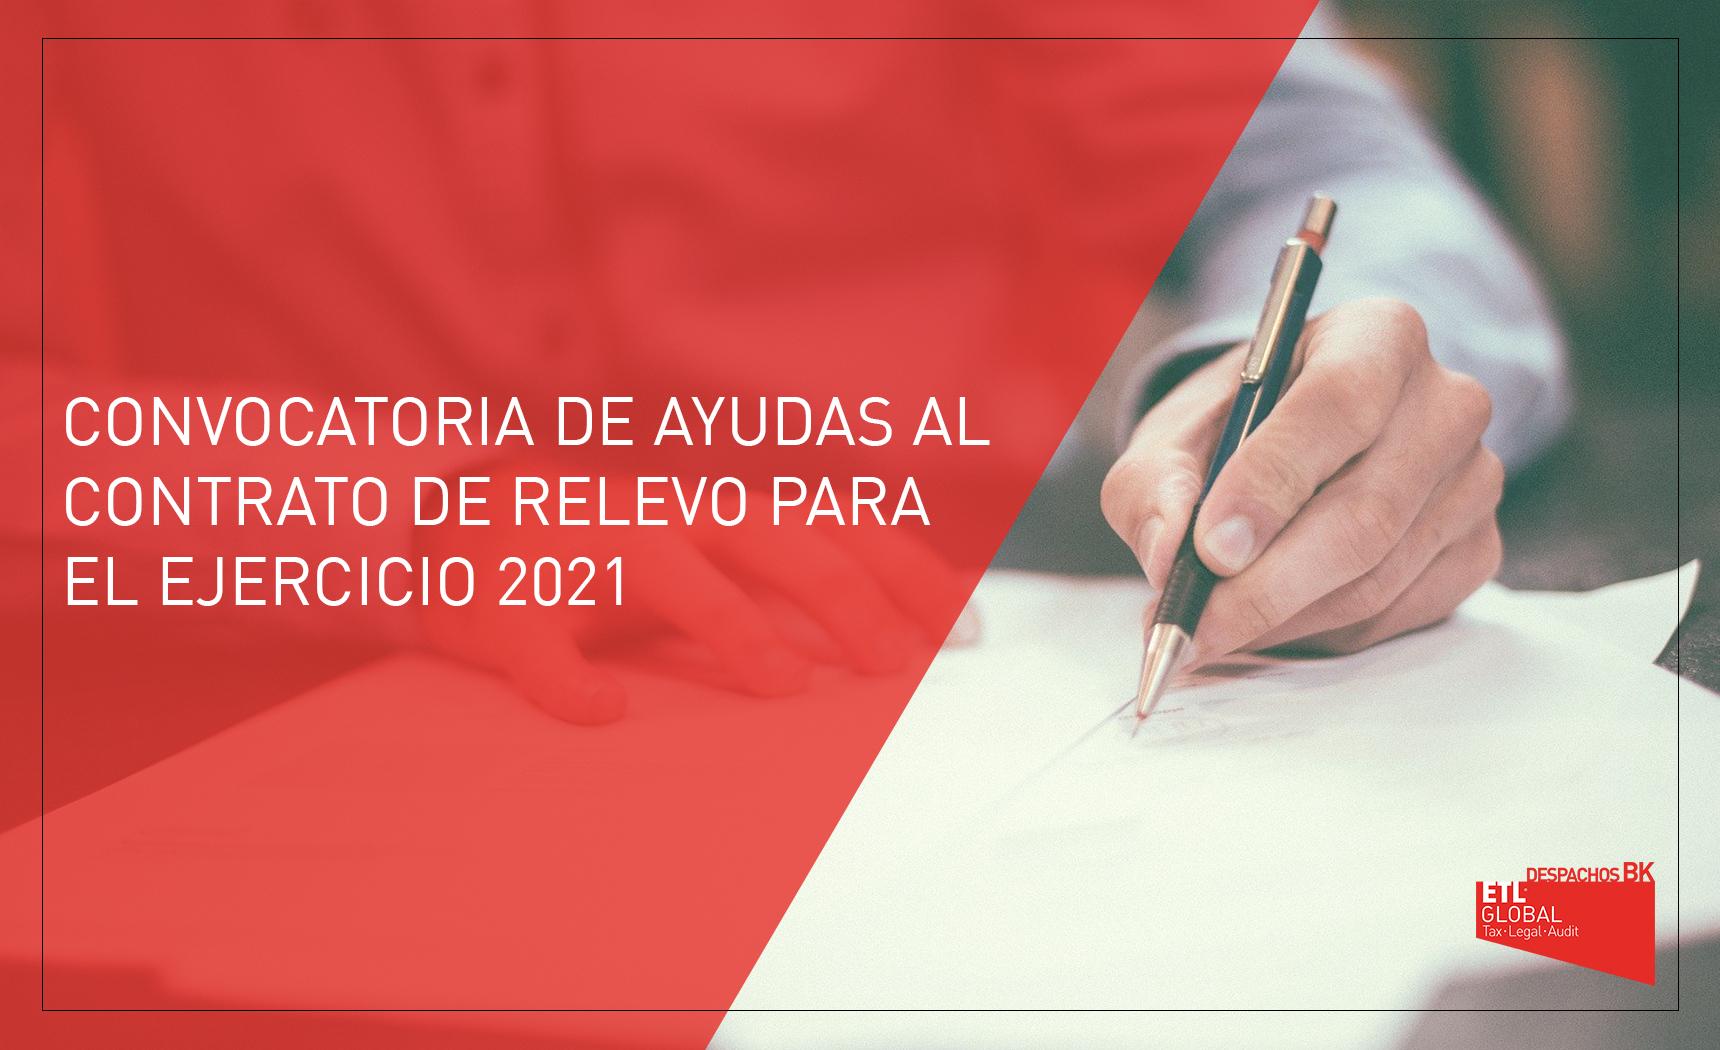 ayudas al contrato de relevo 2021